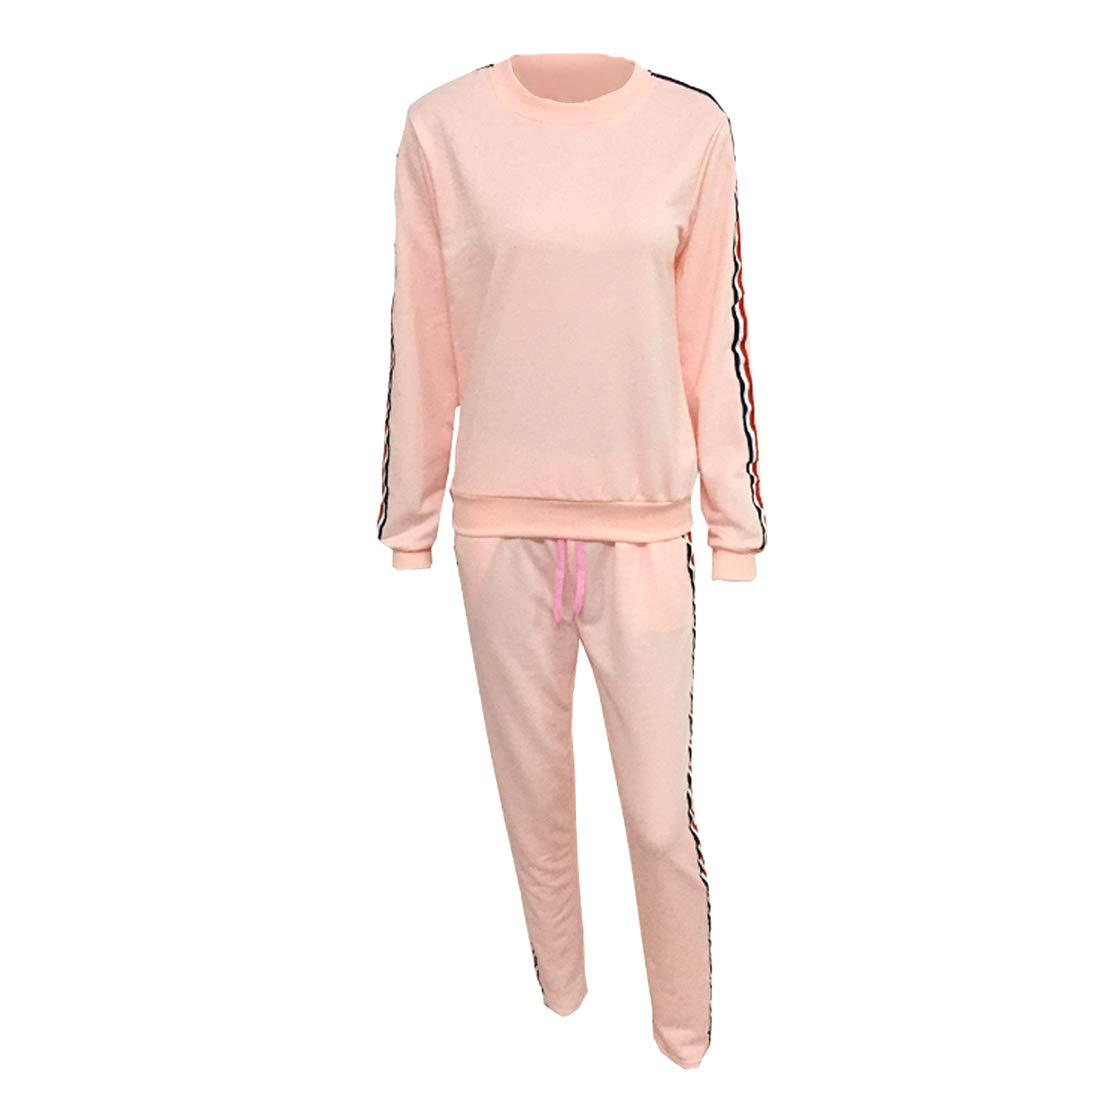 機知に富んだ暗殺汚い女性の ジョギング プルオーバー レジャー スポーツ2個 セット スーツ スウェットシャツ